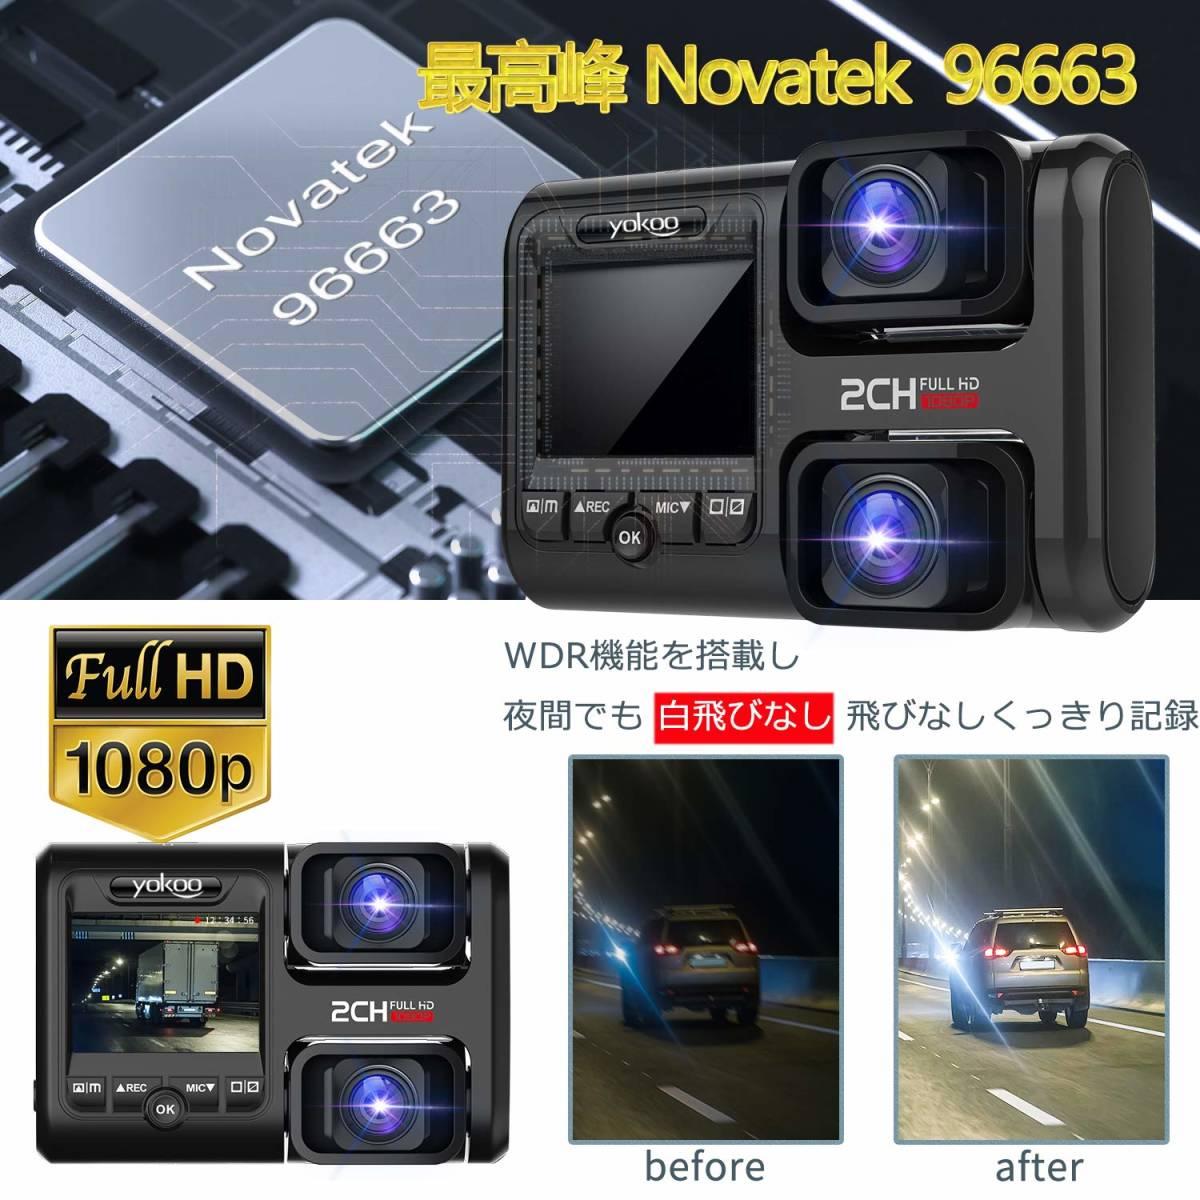 新品未使用 【32Gカード付き】ドライブレコーダー 前後カメラ 1080PフルHD wifi搭載 内蔵GPS sonyセンサー 1200万画素_画像4